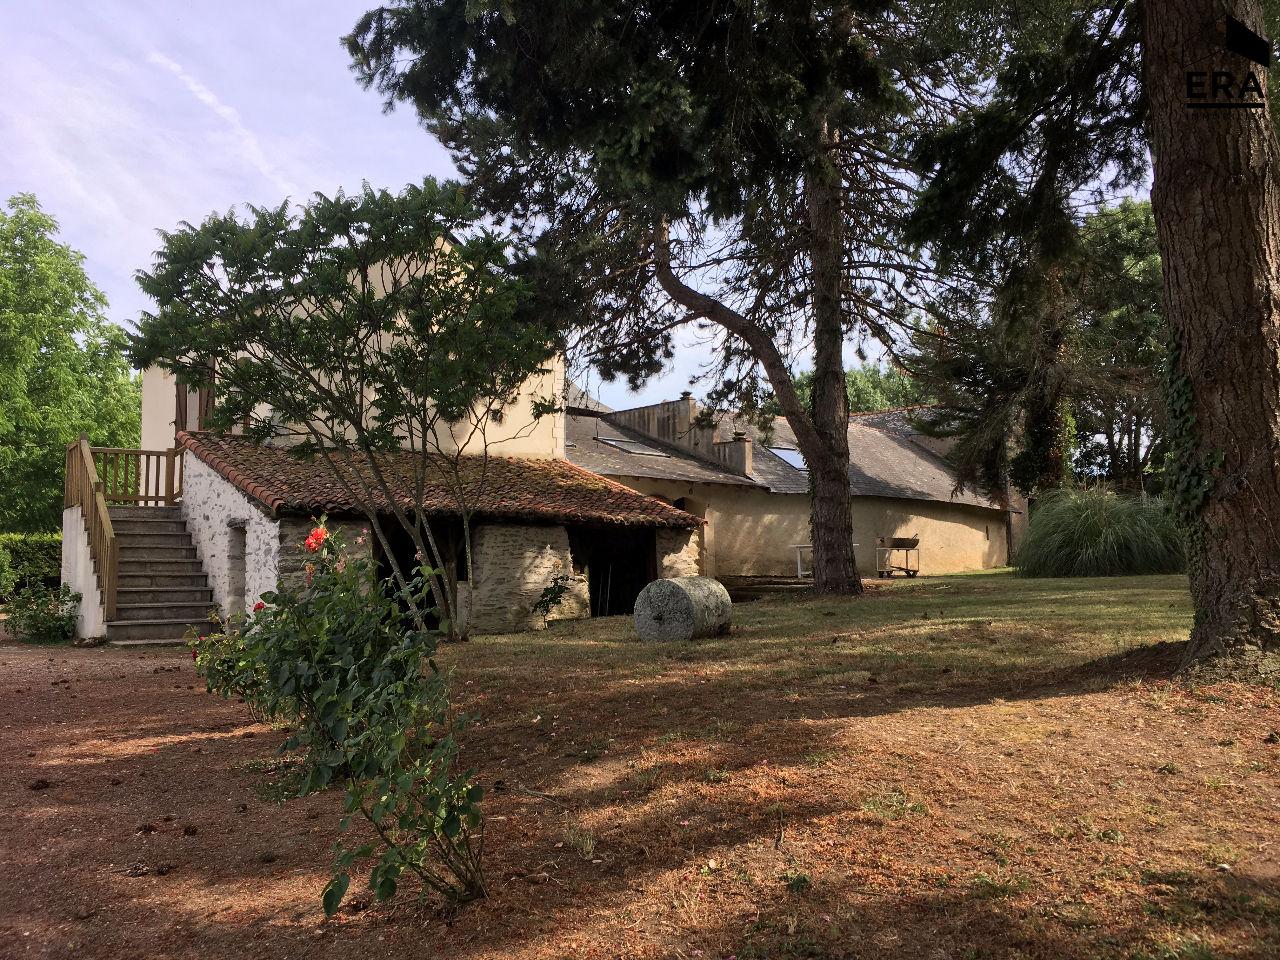 Maison vendre angers sud layon 25 mn par a 87 for Prix m2 angers